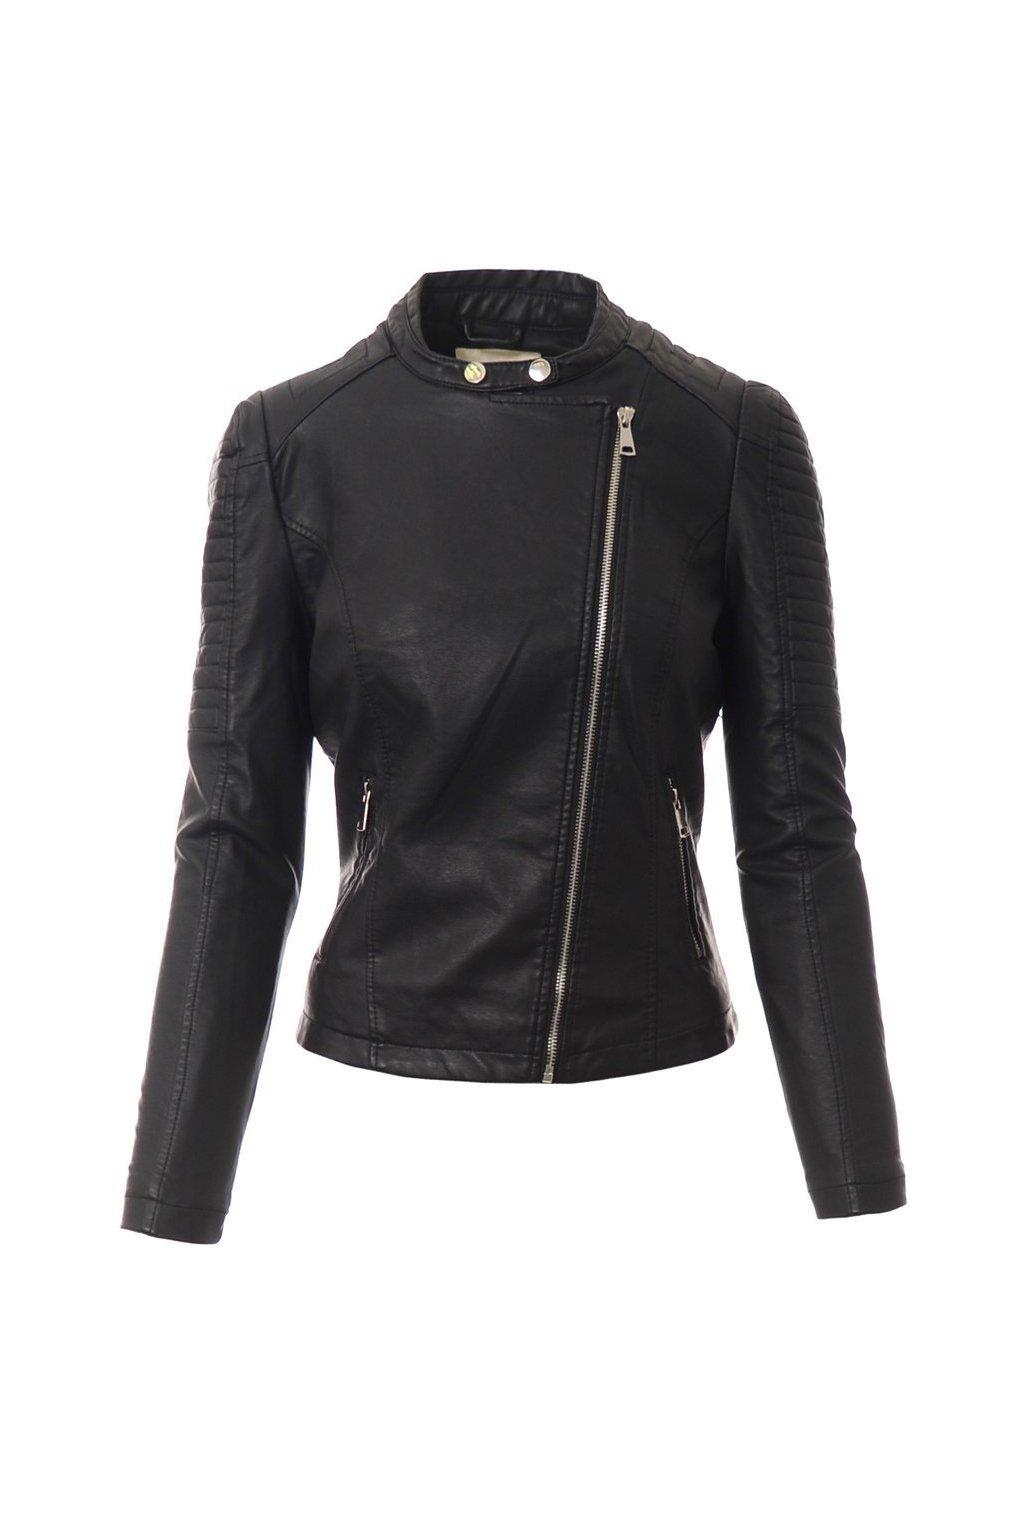 Dámska kožená bunda 4108 čierna